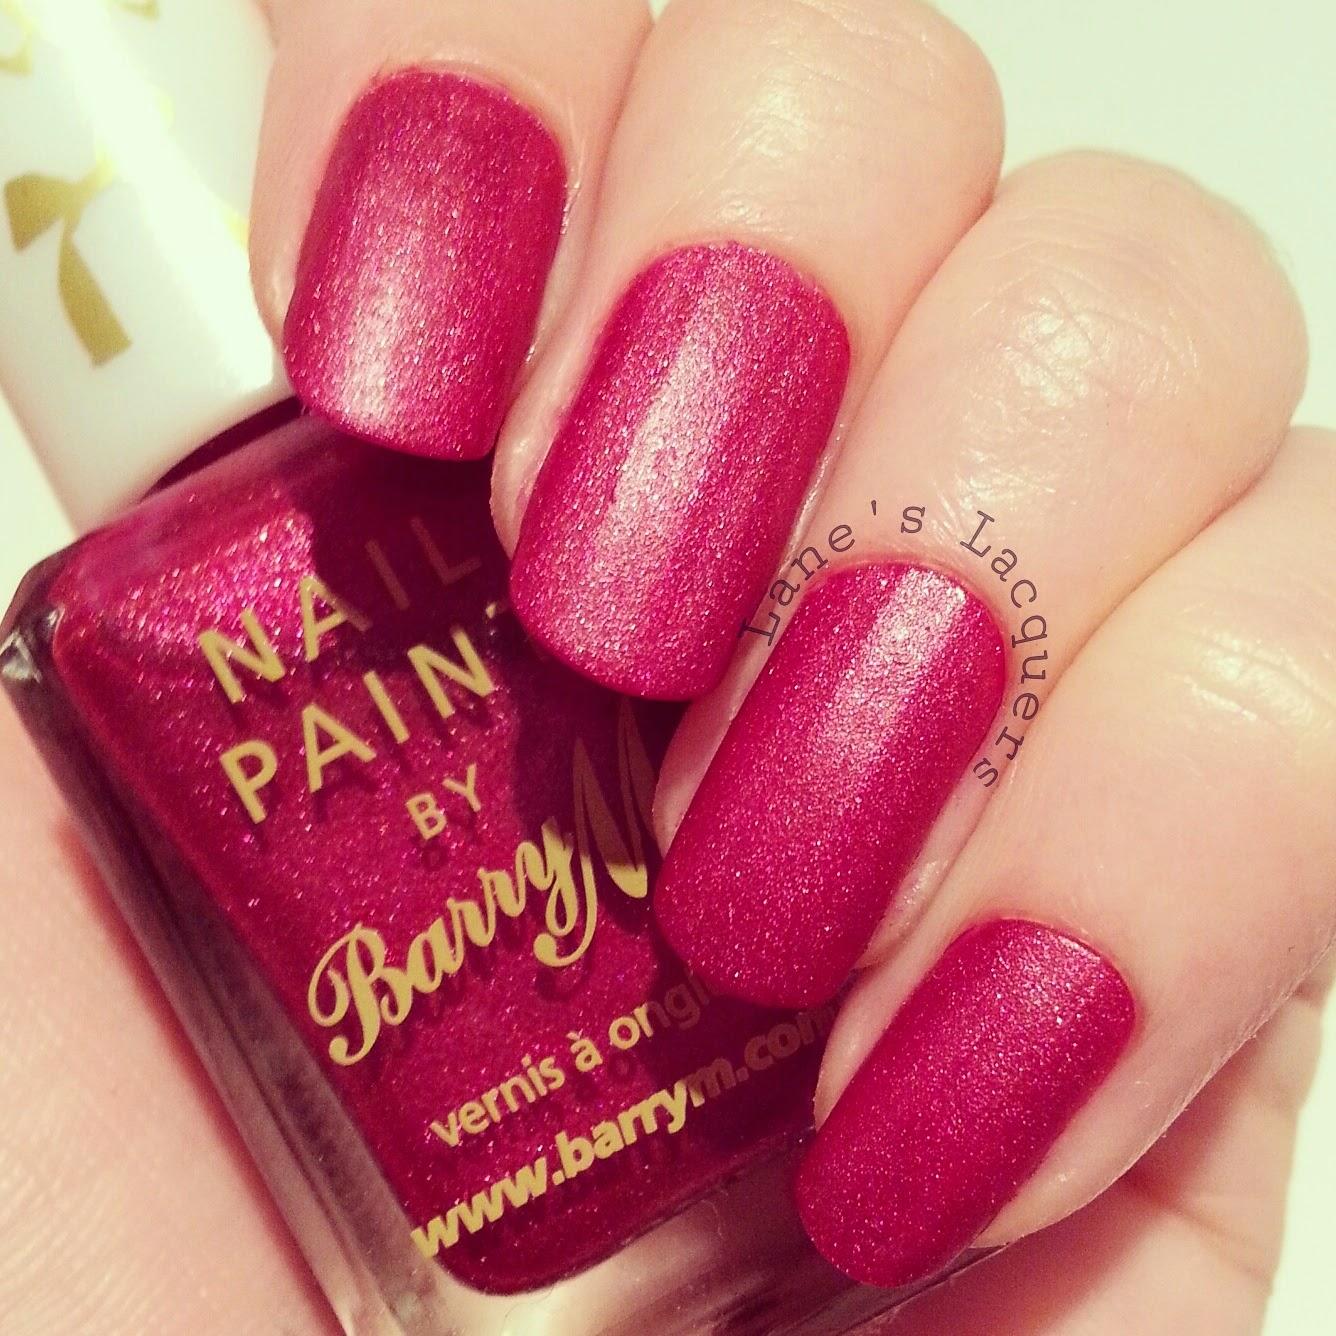 new-barry-m-silk-poppy-swatch-manicure (2)